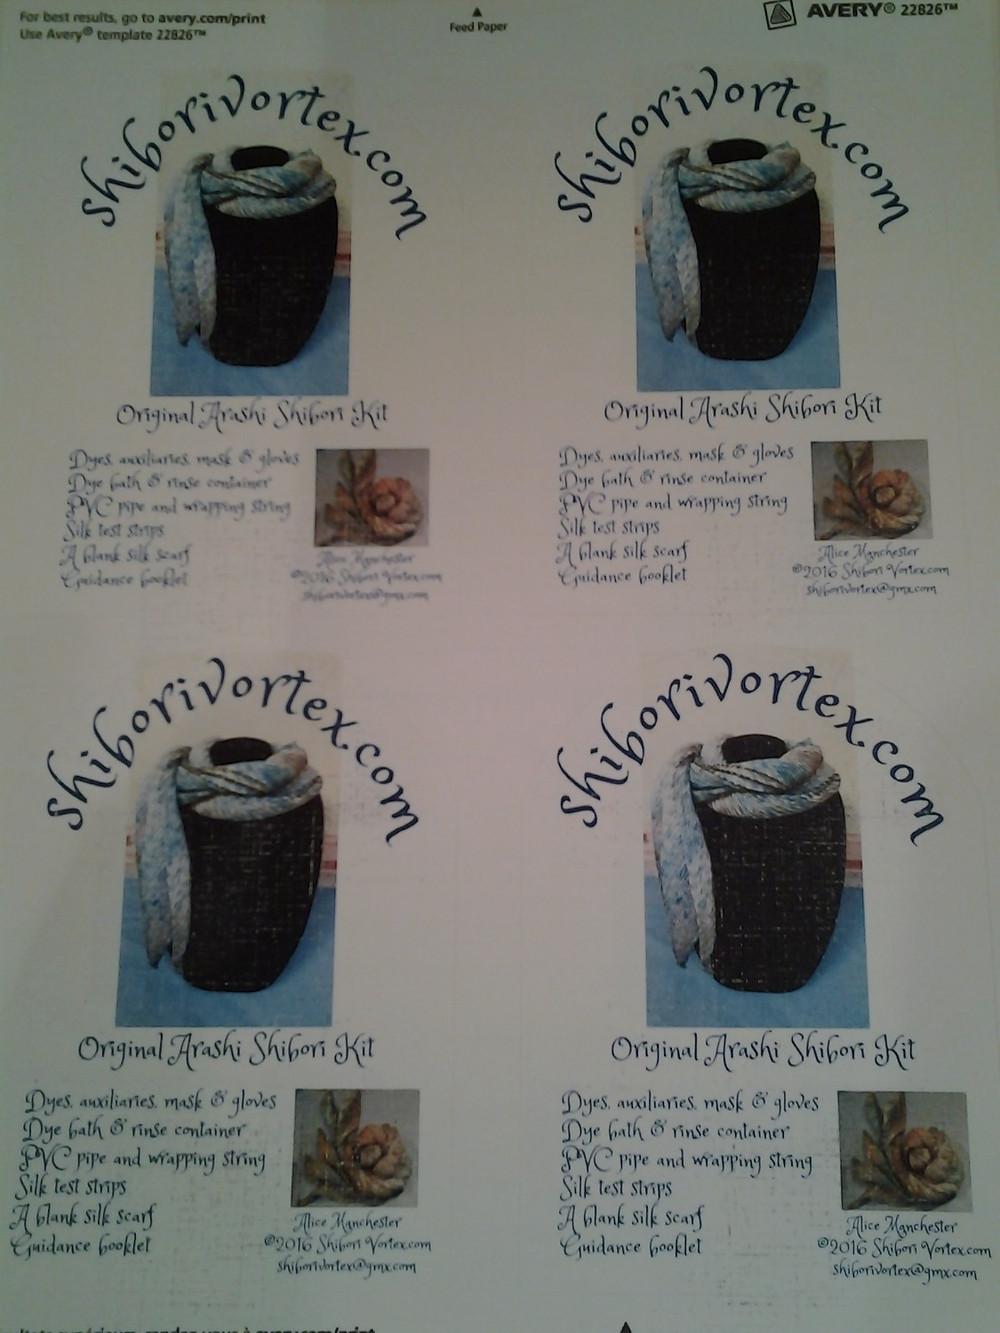 Arashi shibori kit labels